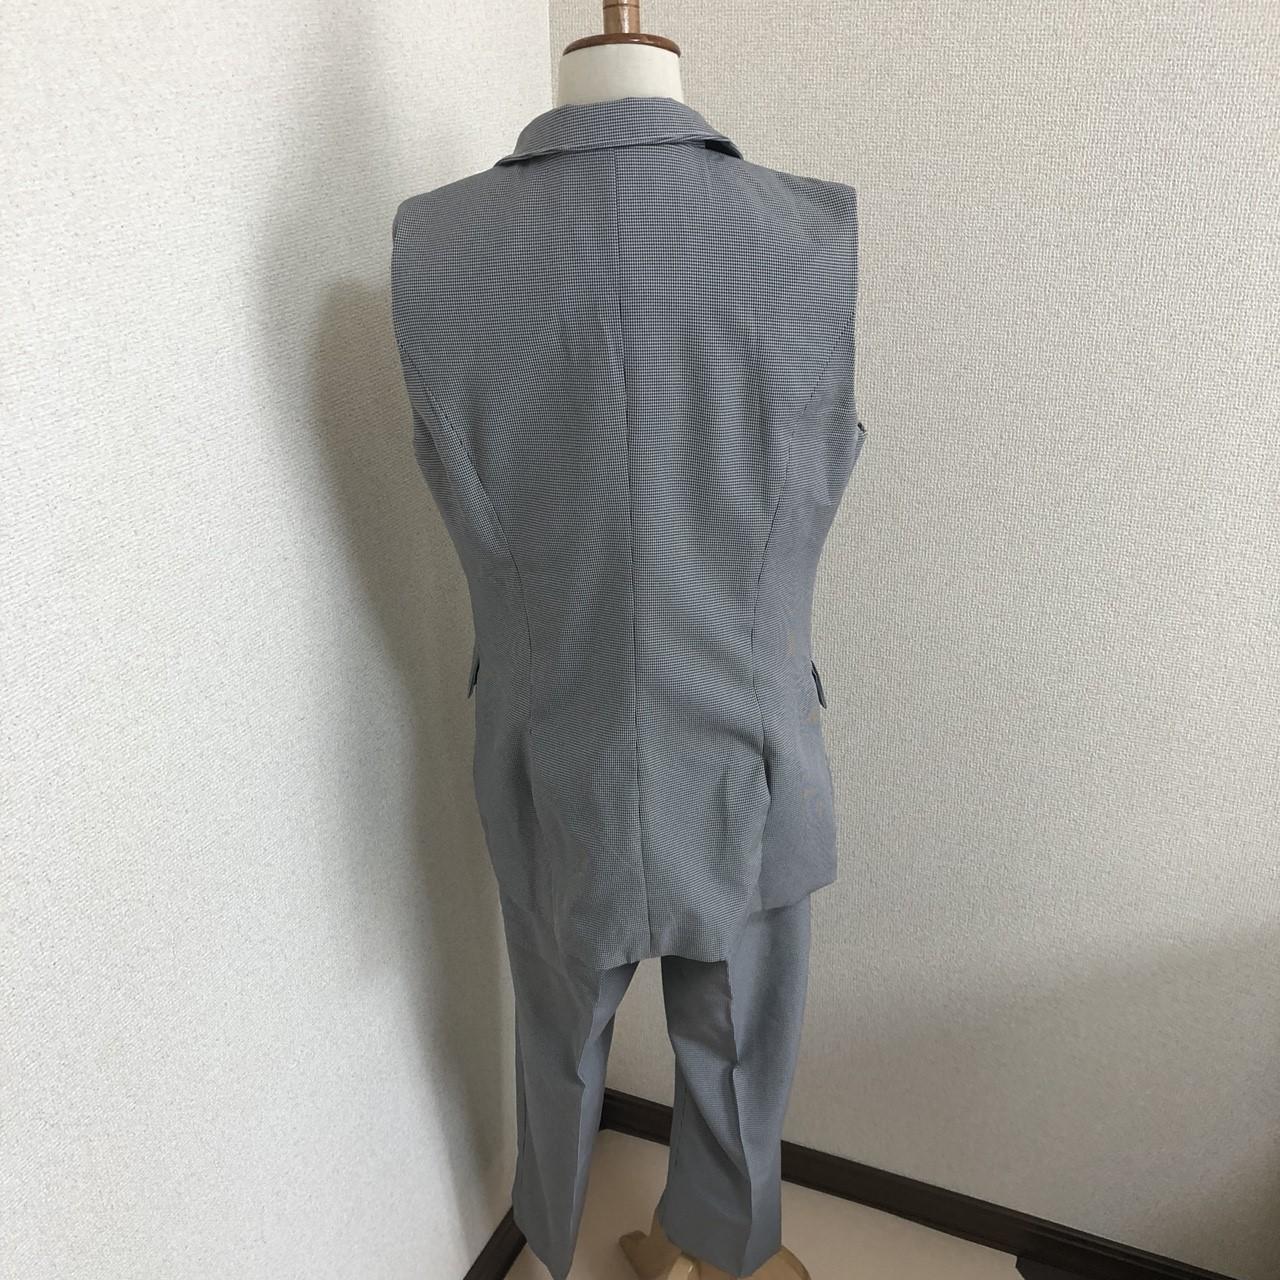 【即納】韓国 ファッション パンツ セットアップ パーティードレス 結婚式 お呼ばれドレス 春 夏 パーティー ブライダル SPTX9206  ノースリーブジャケット テーパ 二次会 セレブ きれいめの写真13枚目